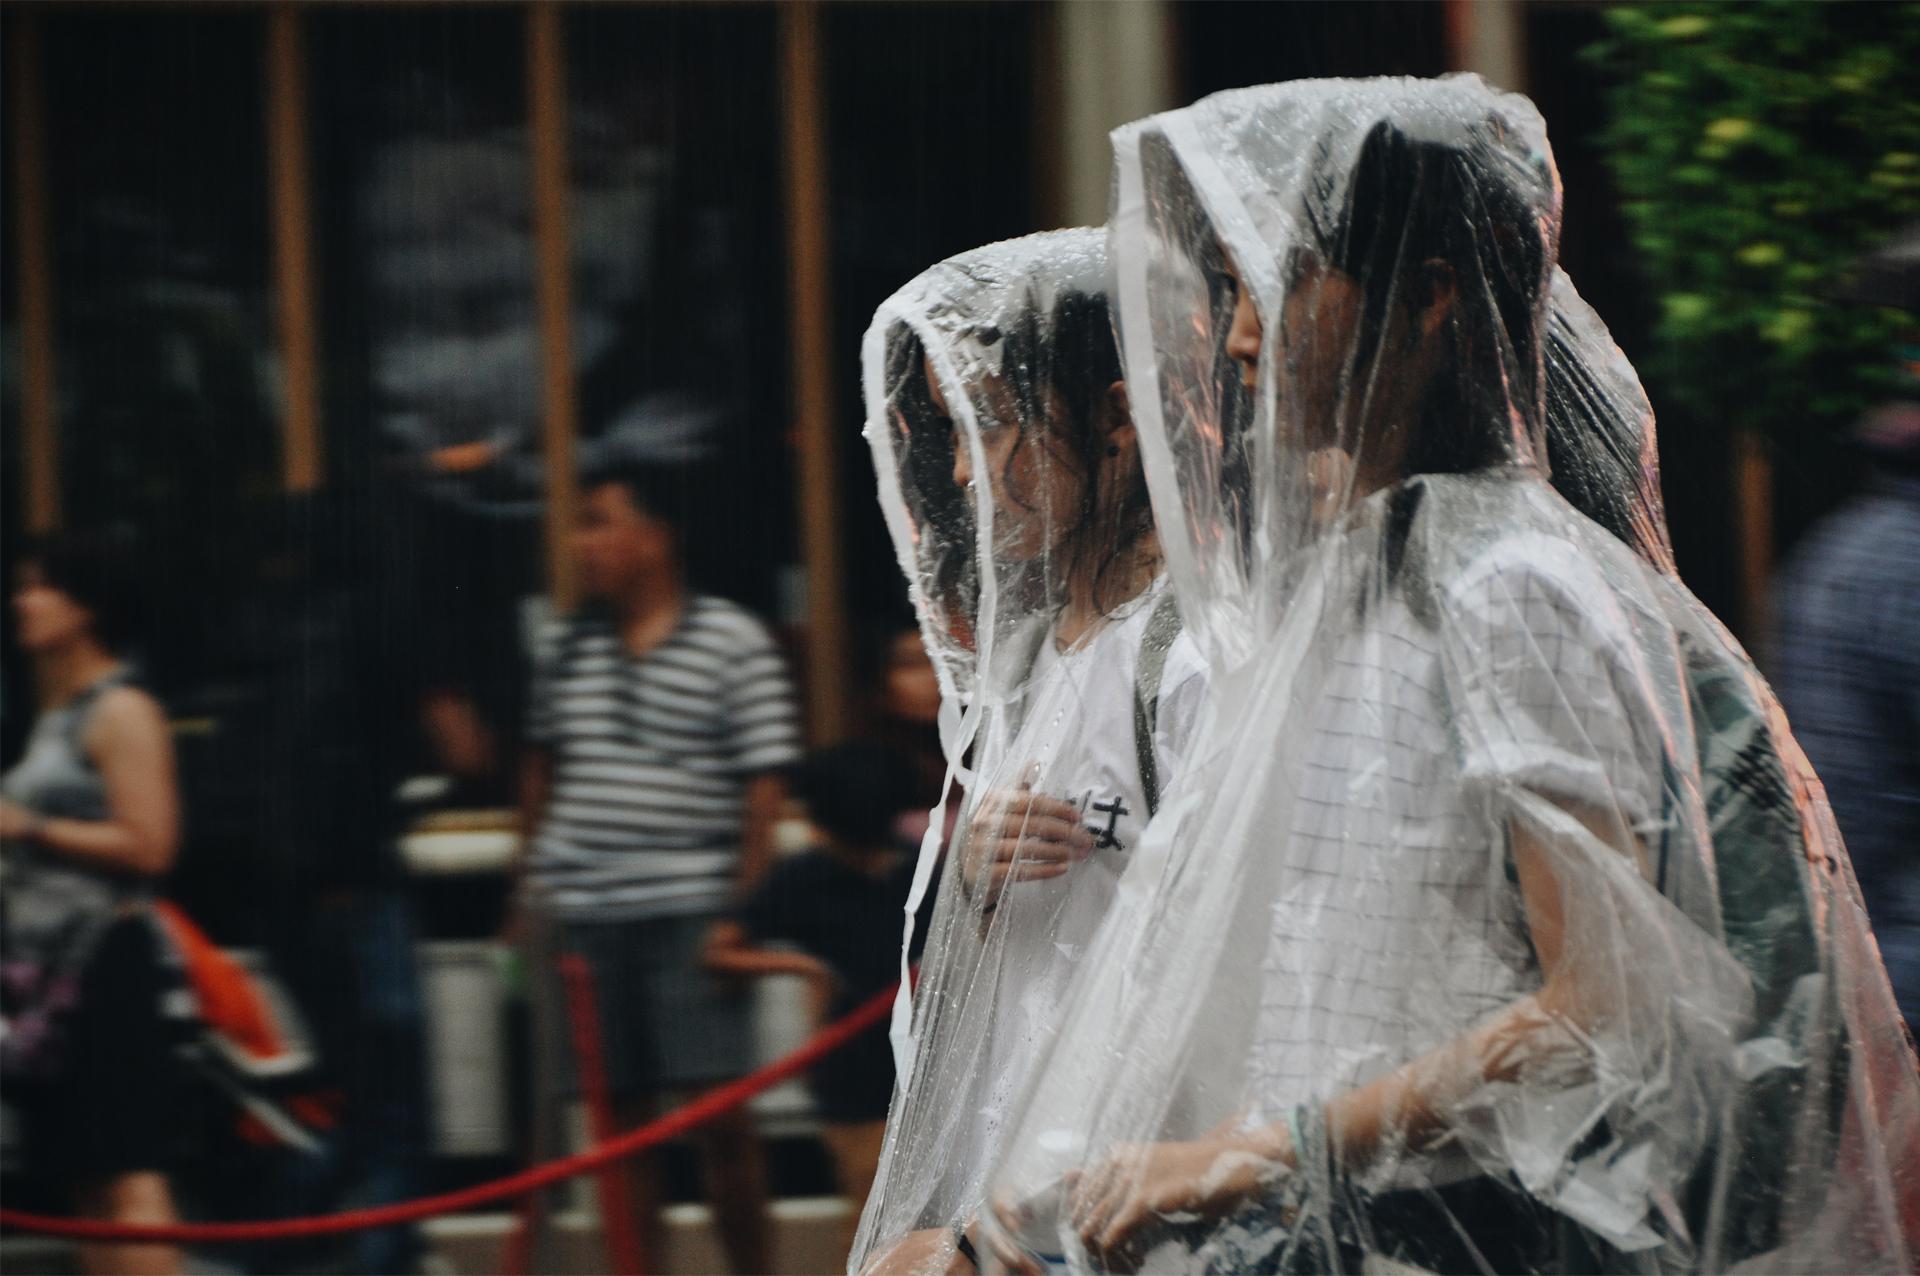 Quần áo mưa Quảng Châu - Nguồn gốc ra đời